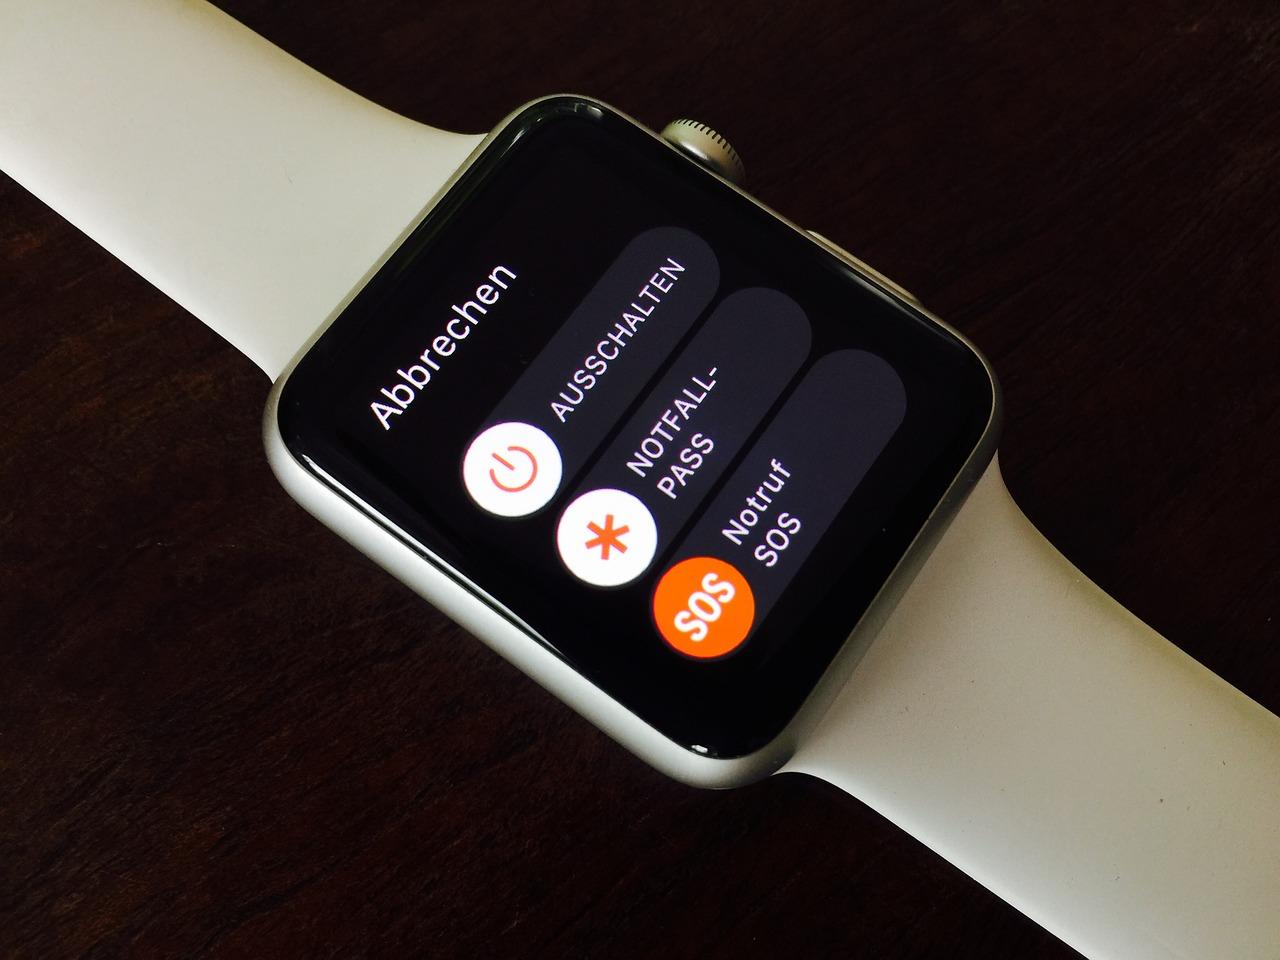 fitbit lance une montre connect e concurrente de l apple watch. Black Bedroom Furniture Sets. Home Design Ideas